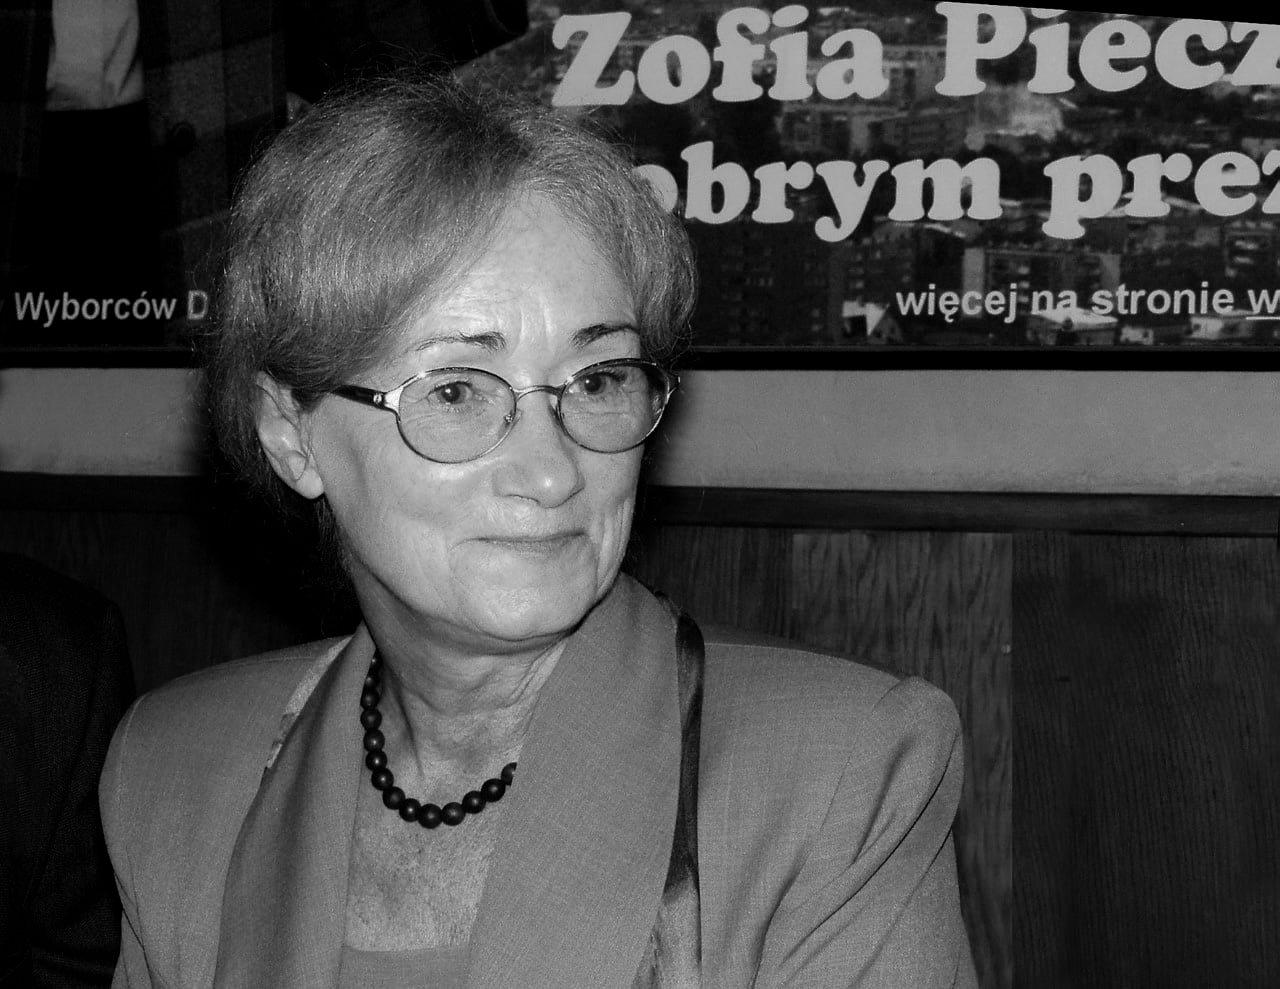 ? Składam wyrazy najszczerszego współczucia i żalu rodzinie zmarłej Zofii Pieczkowskiej, byłej wiceprezydent i radnej Miasta Nowego Sącza.